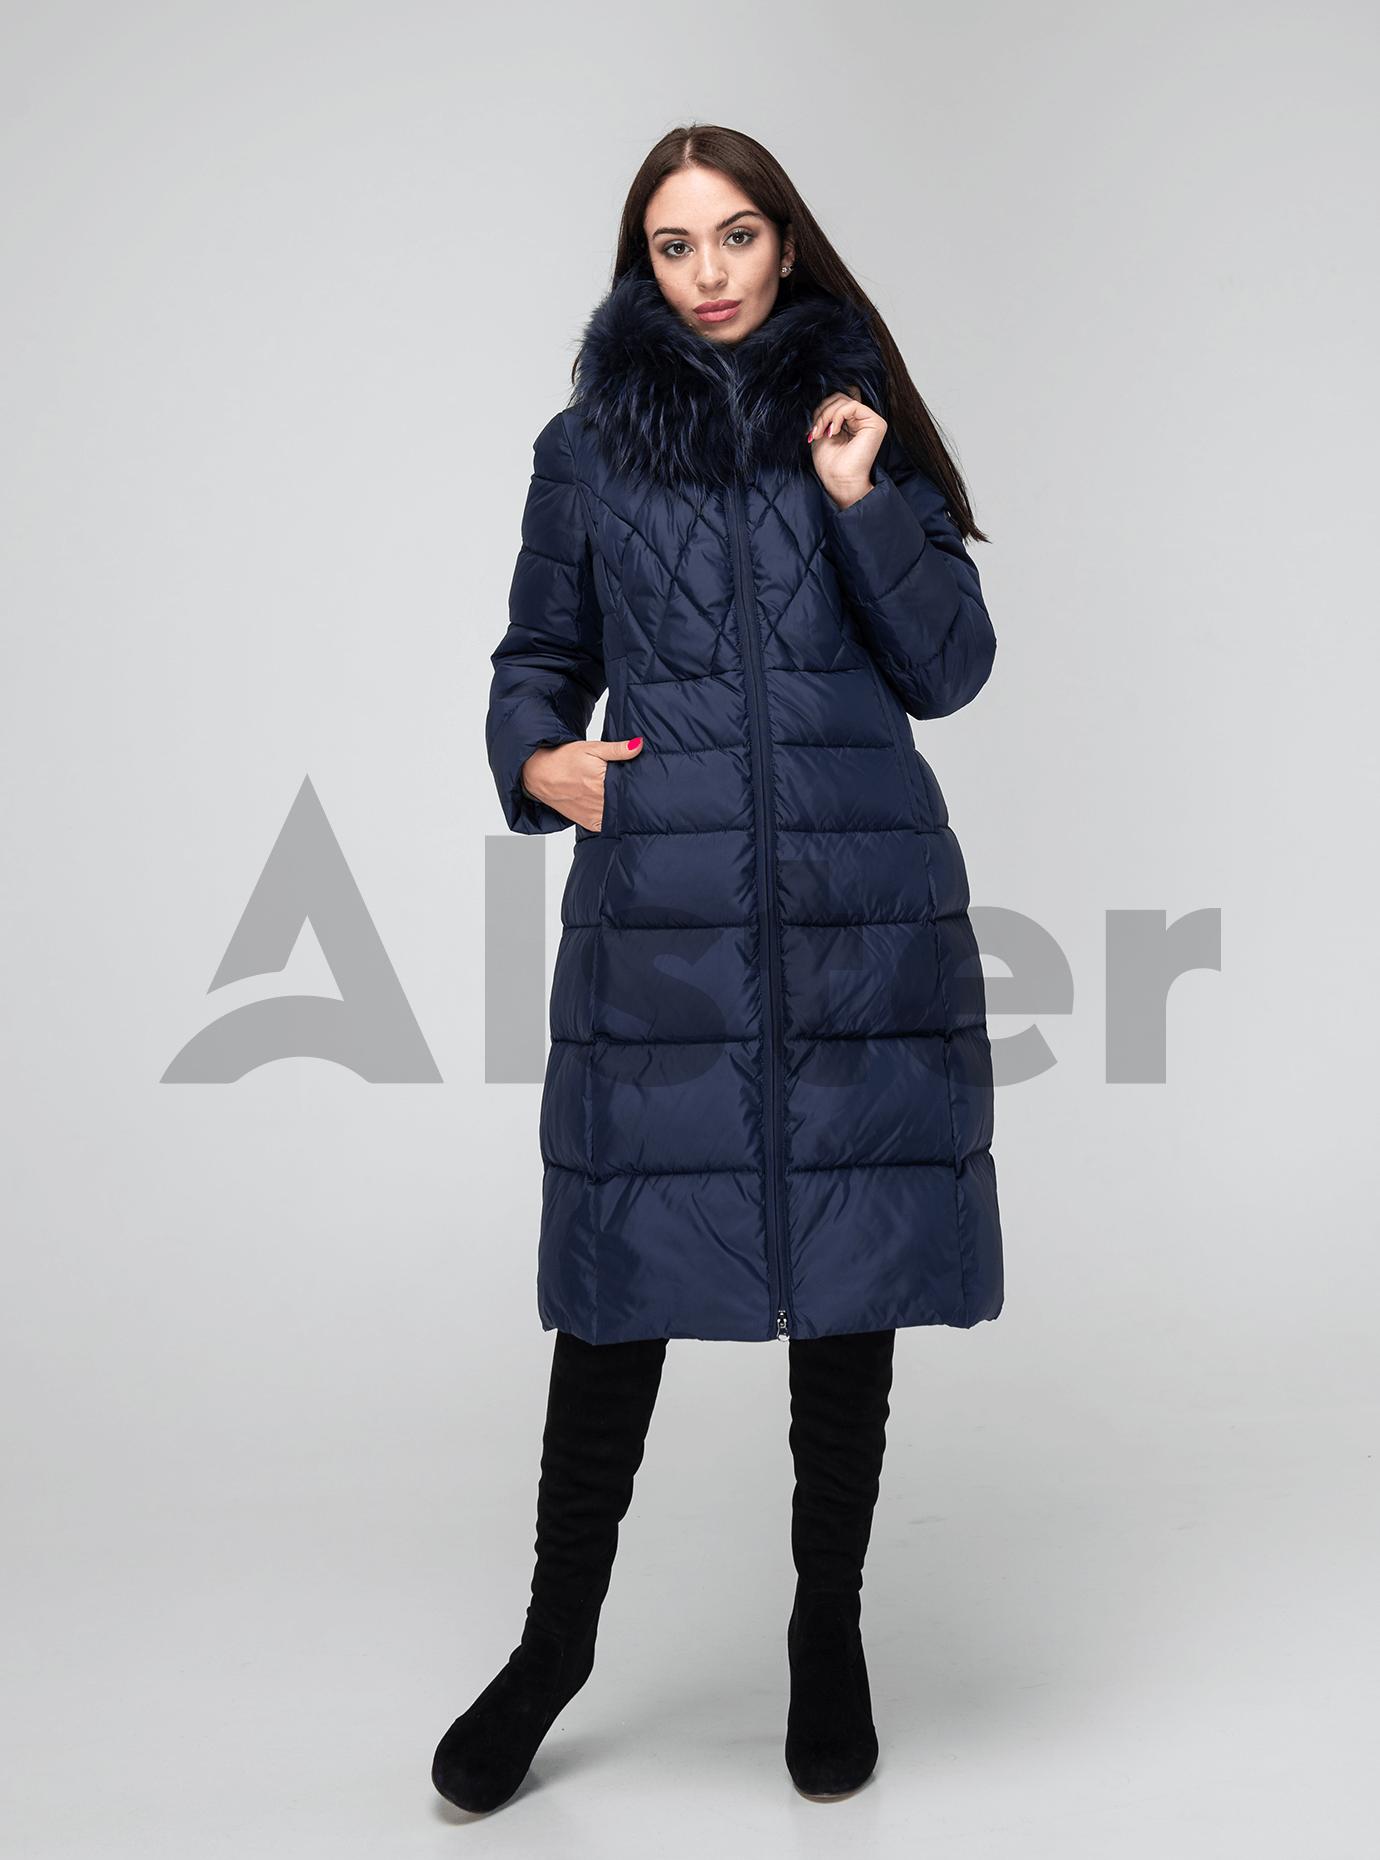 Зимняя женская куртка стёганая с мехом Тёмно синий M (02-190156): фото - Alster.ua